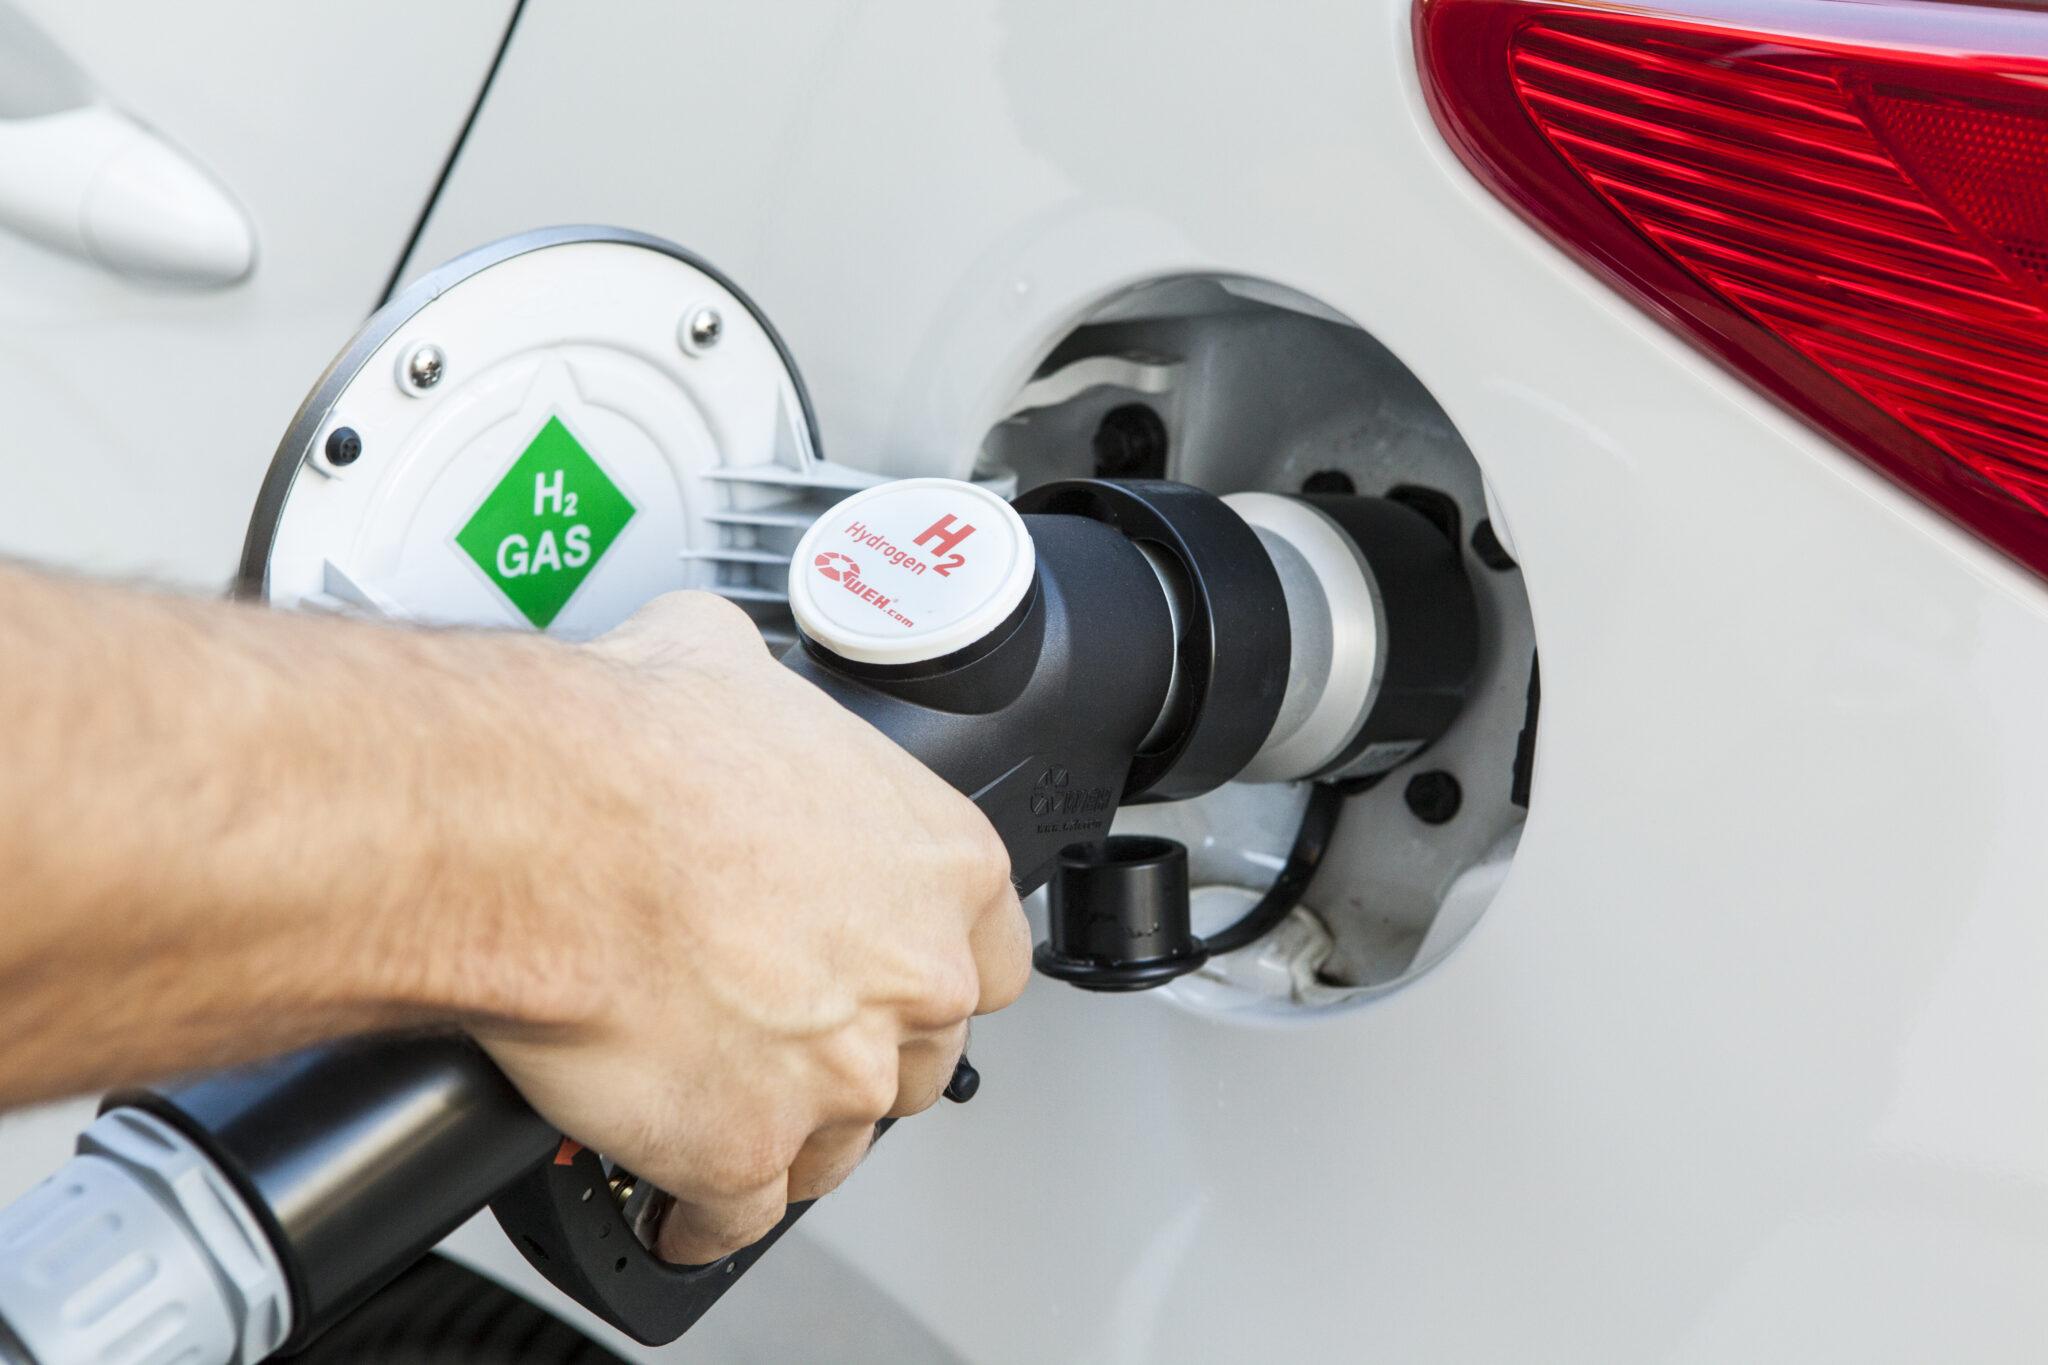 Nahaufnahme eines Tankvorganges an einem Waserstoffauto